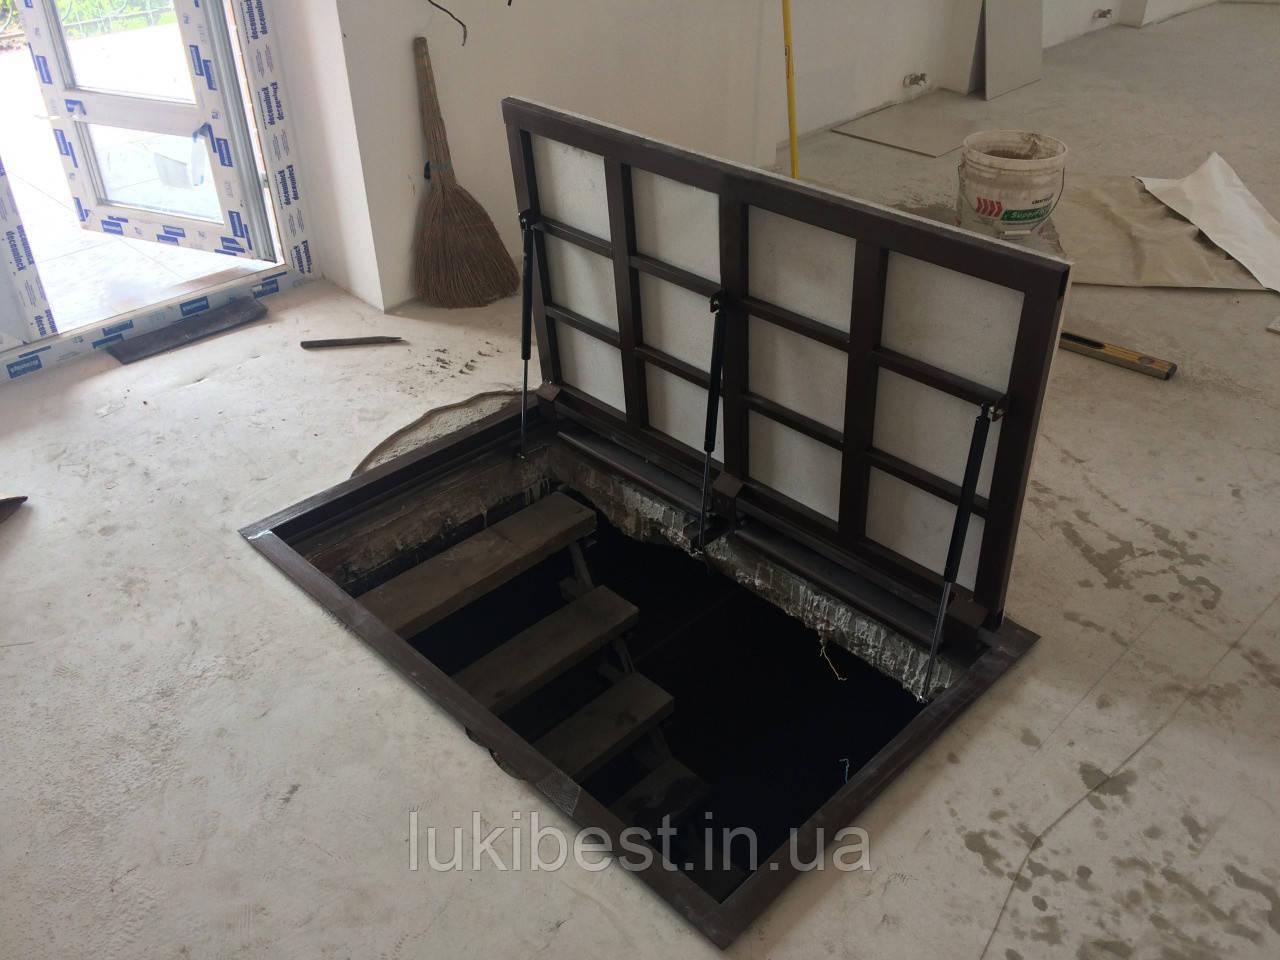 Напольный люк под линолеум 600*700 мм Вest Lift  / люк в погреб/ люк в подвал